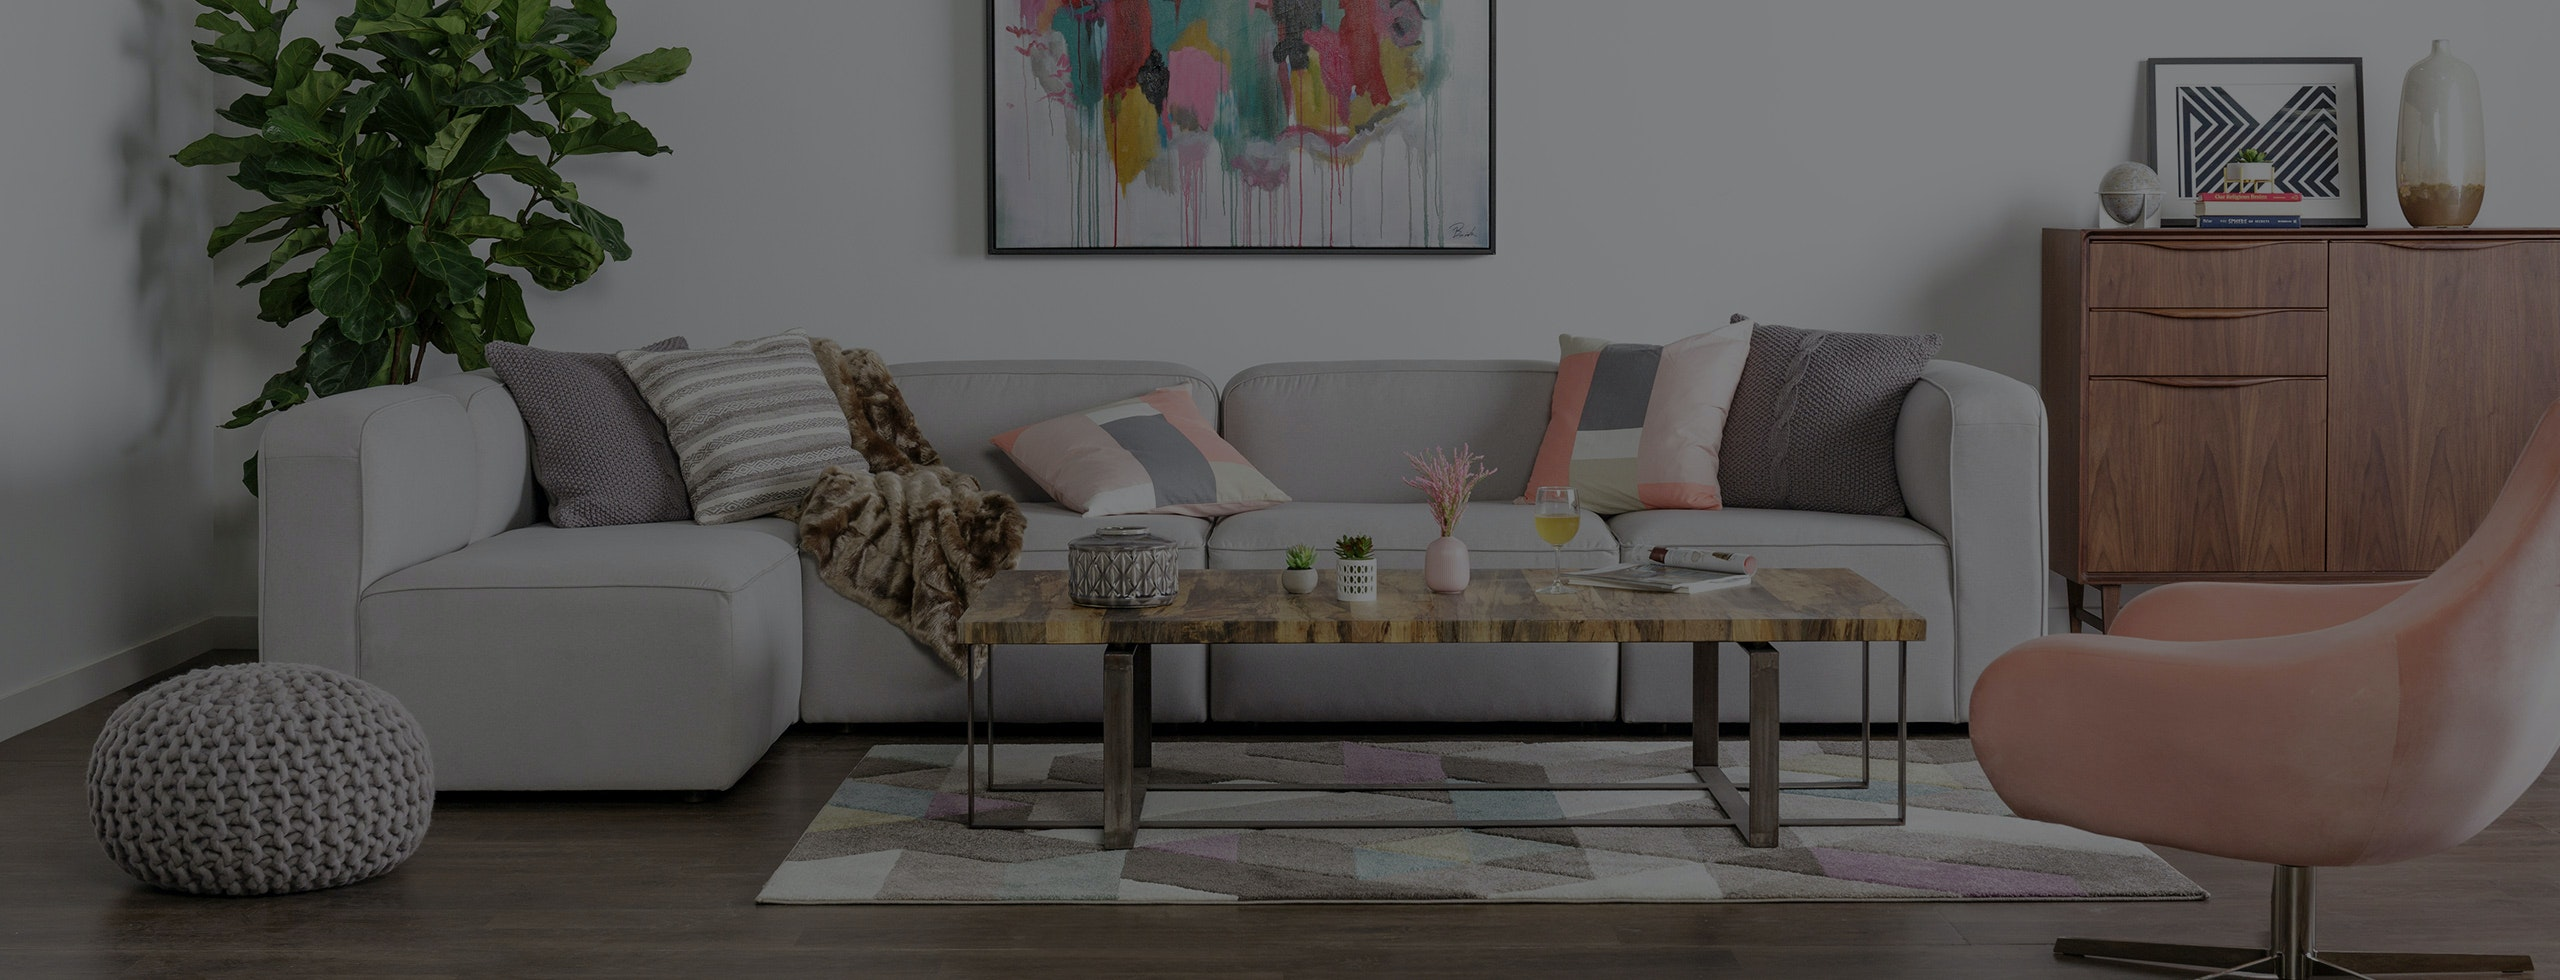 Modular Sofas | Joybird